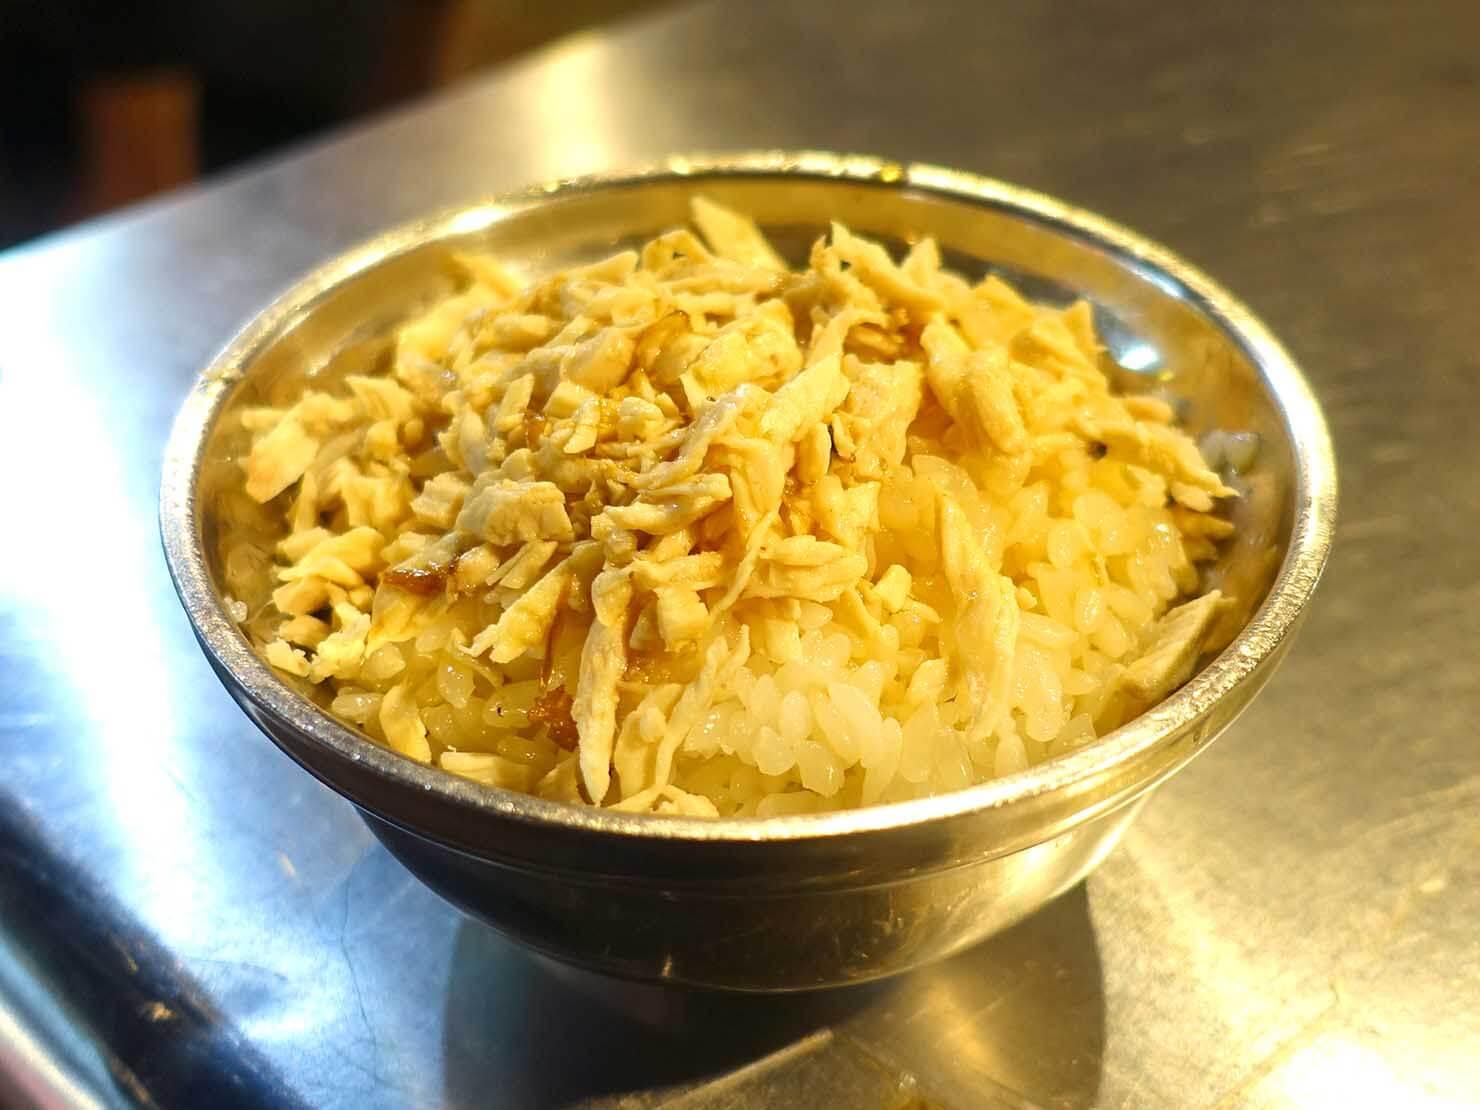 台北・寧夏夜市のおすすめグルメ店「方家雞肉飯」の雞肉飯